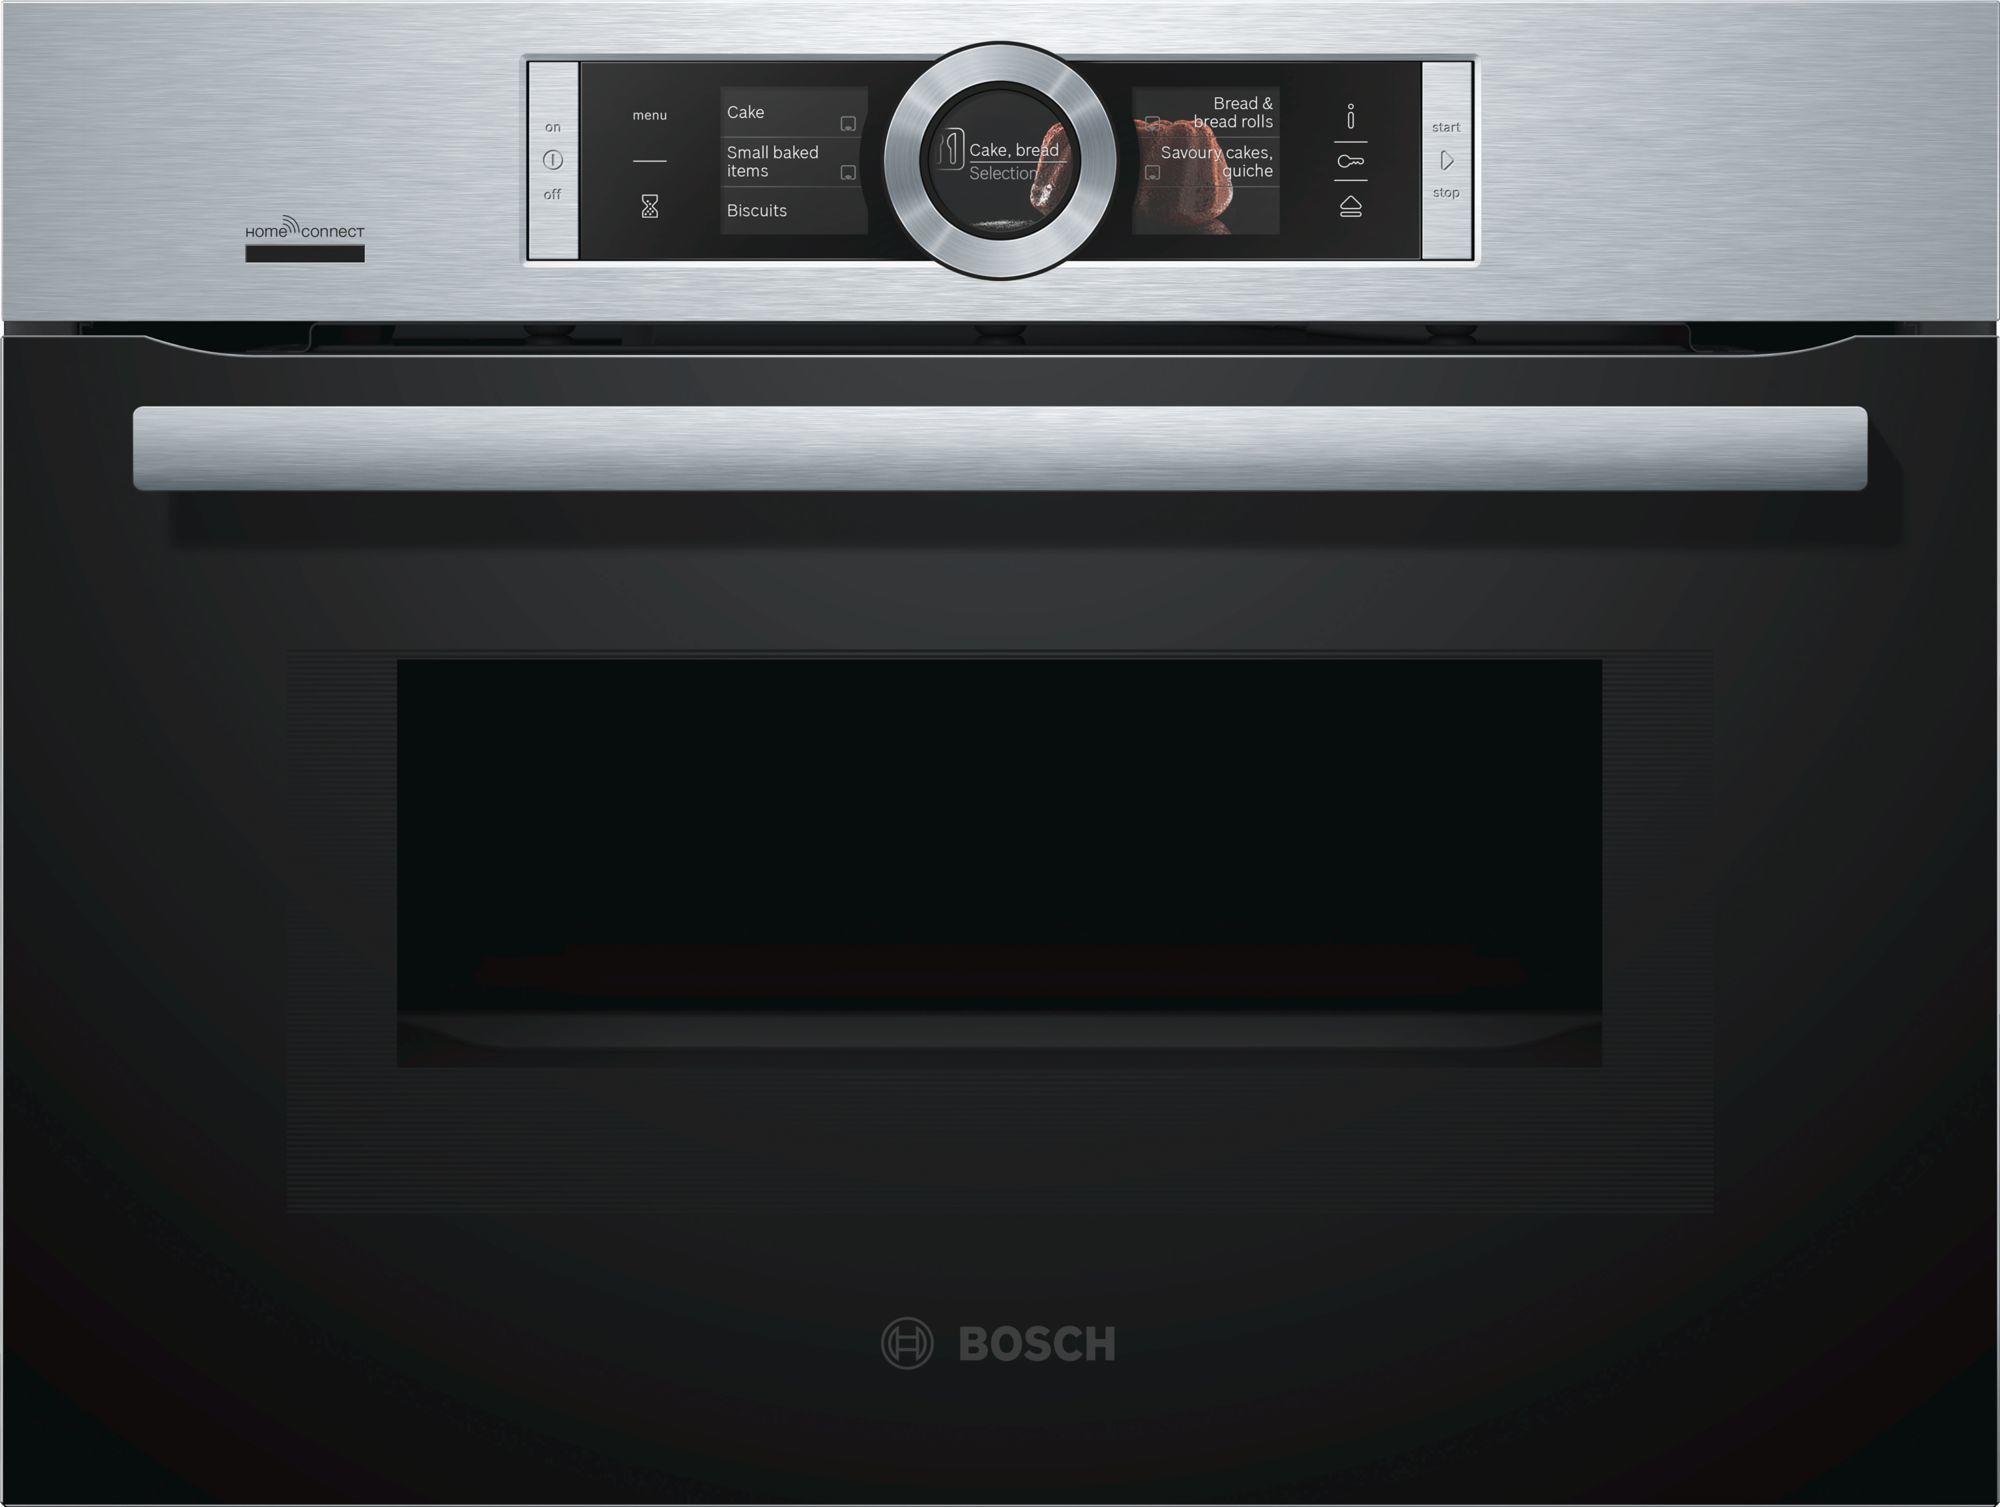 Bosch Backöfen mit integrierter Mikrowelle | Einbaugeräte